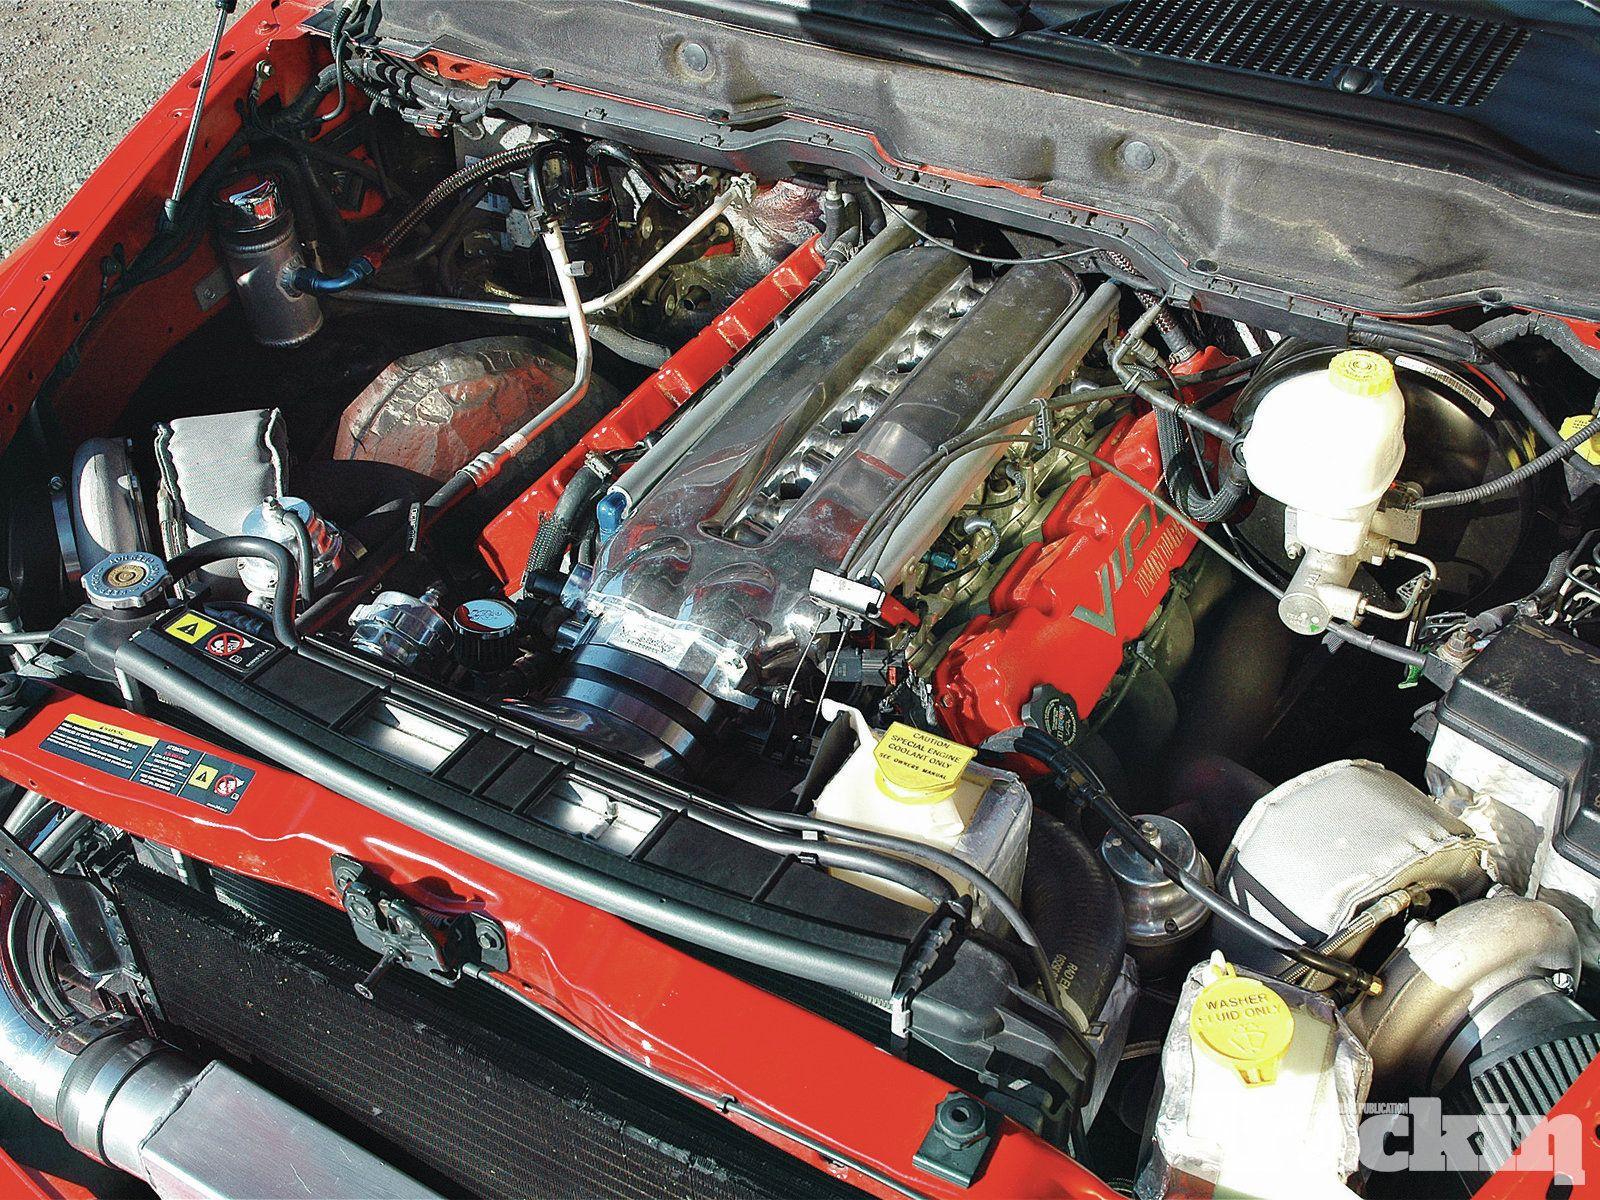 Dodge Ram SRT-10 8.3L V10 Engine